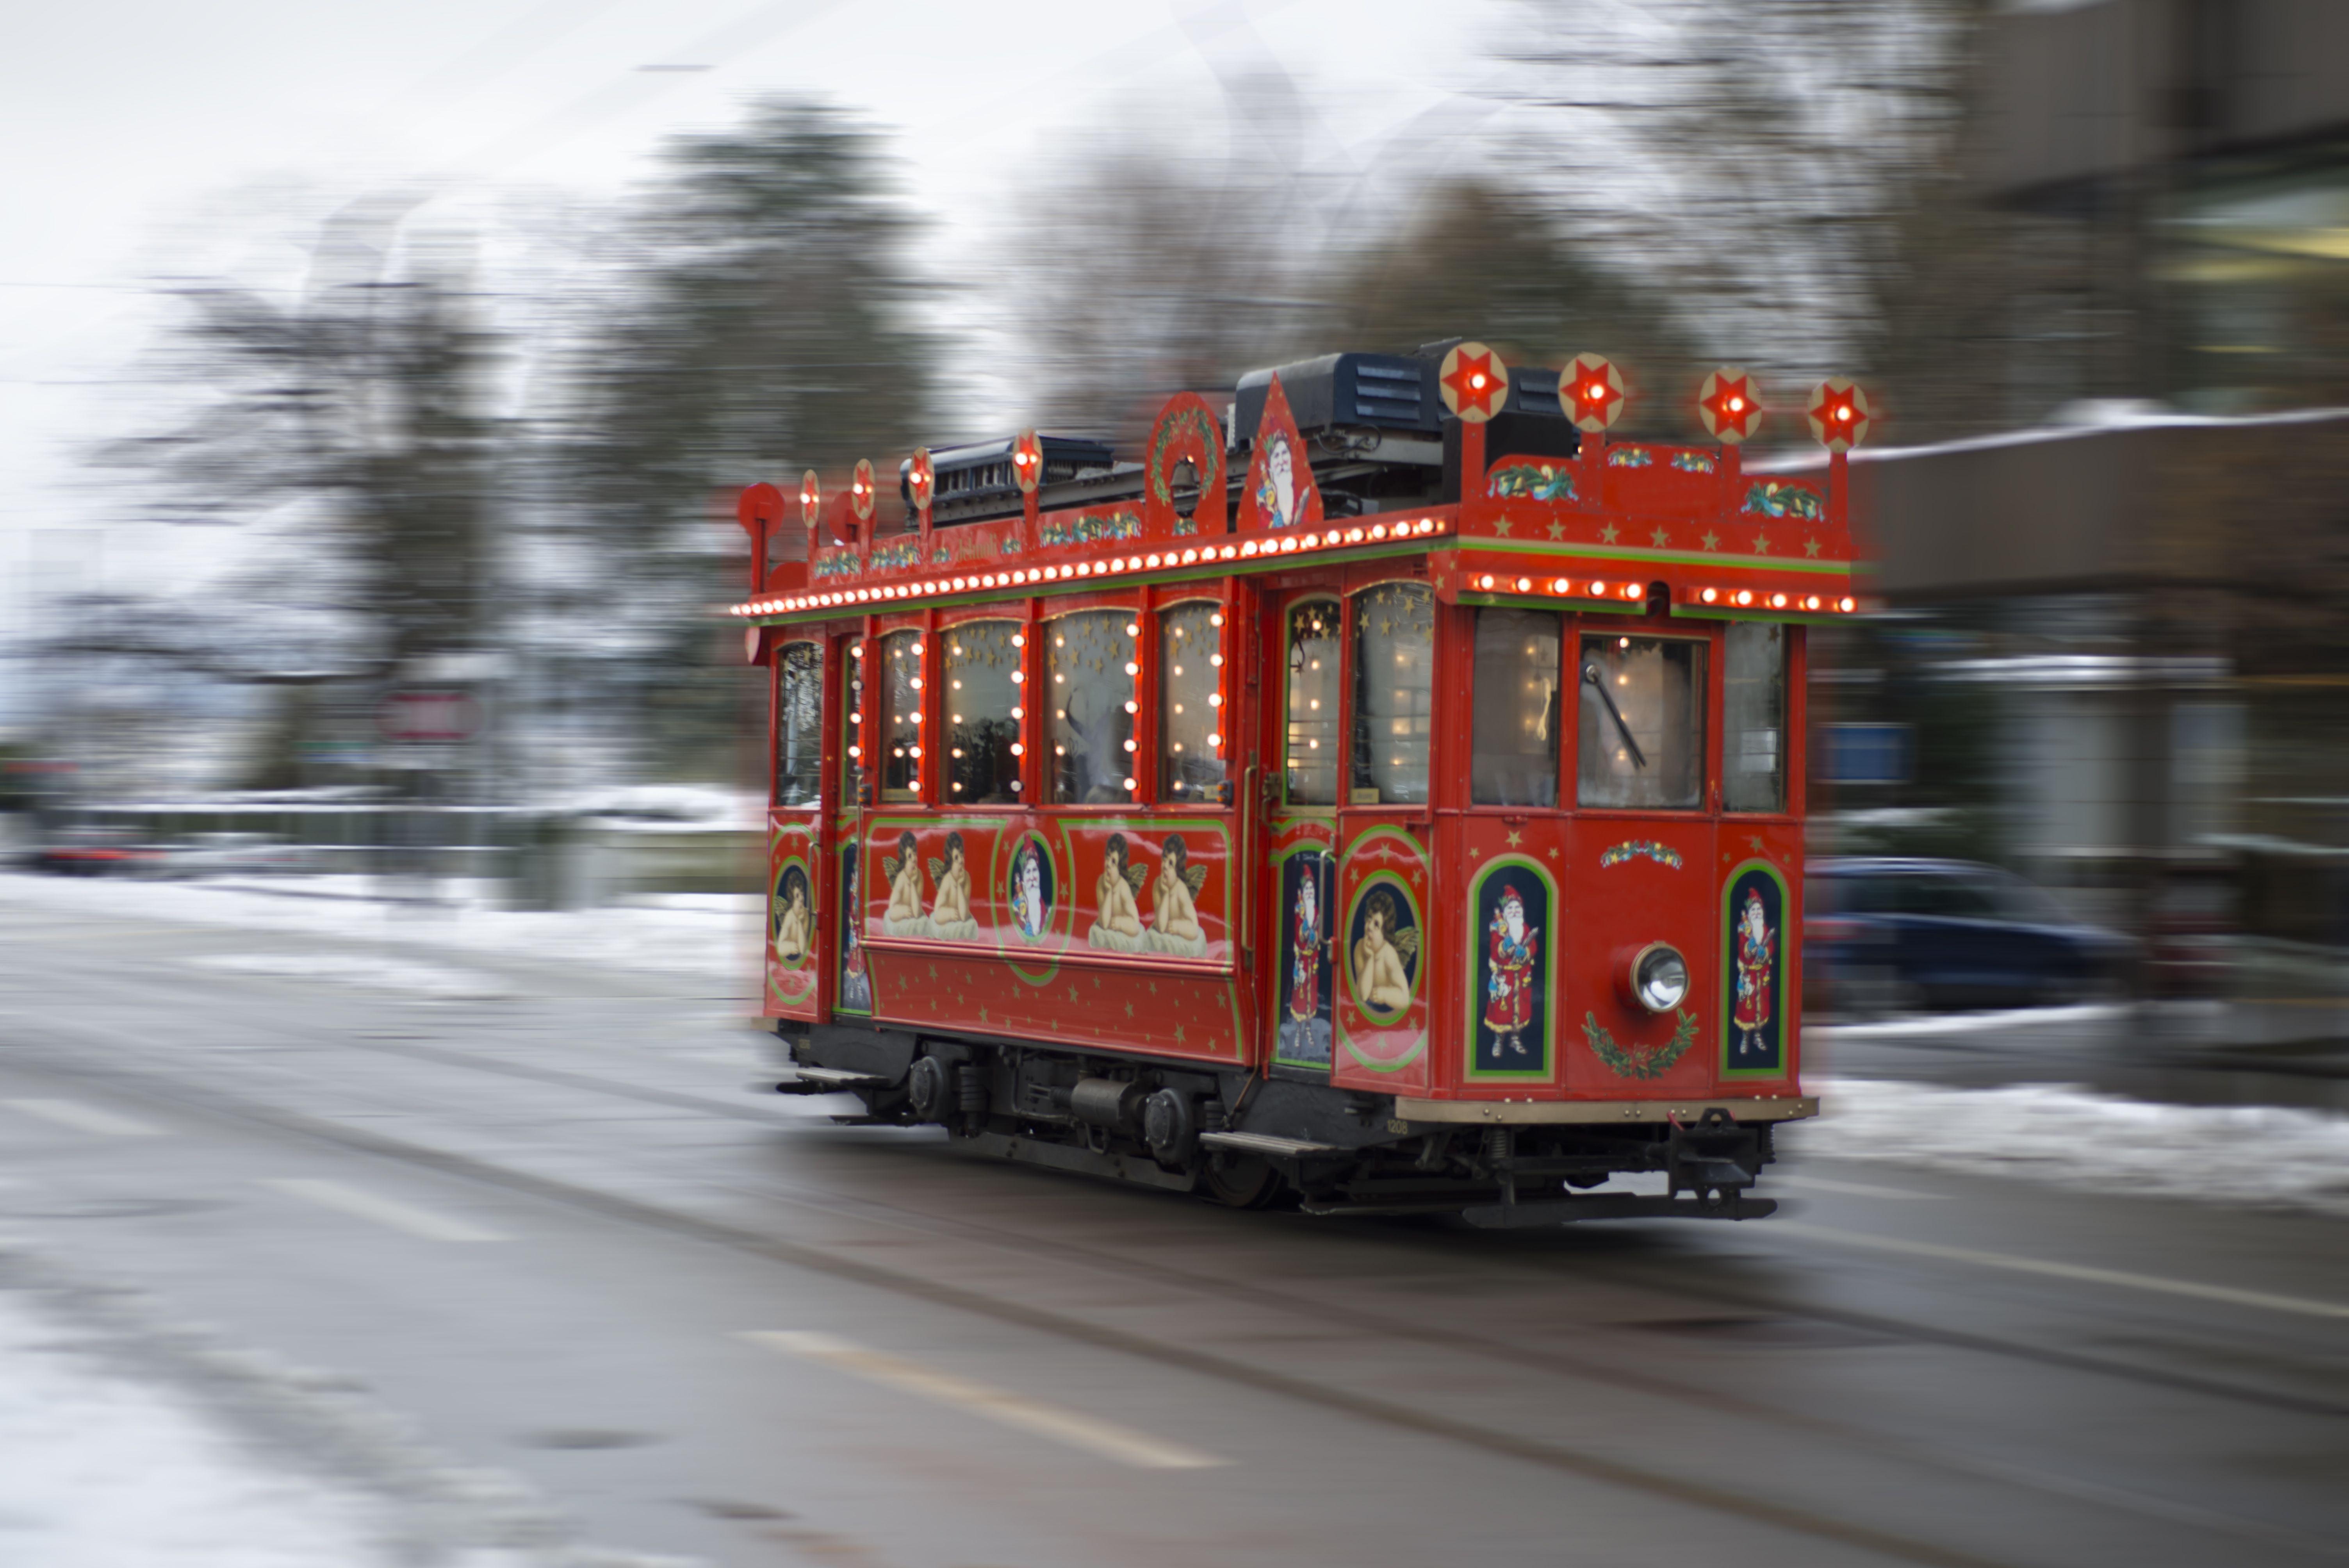 Christmas tram in Zurich, Switzerland